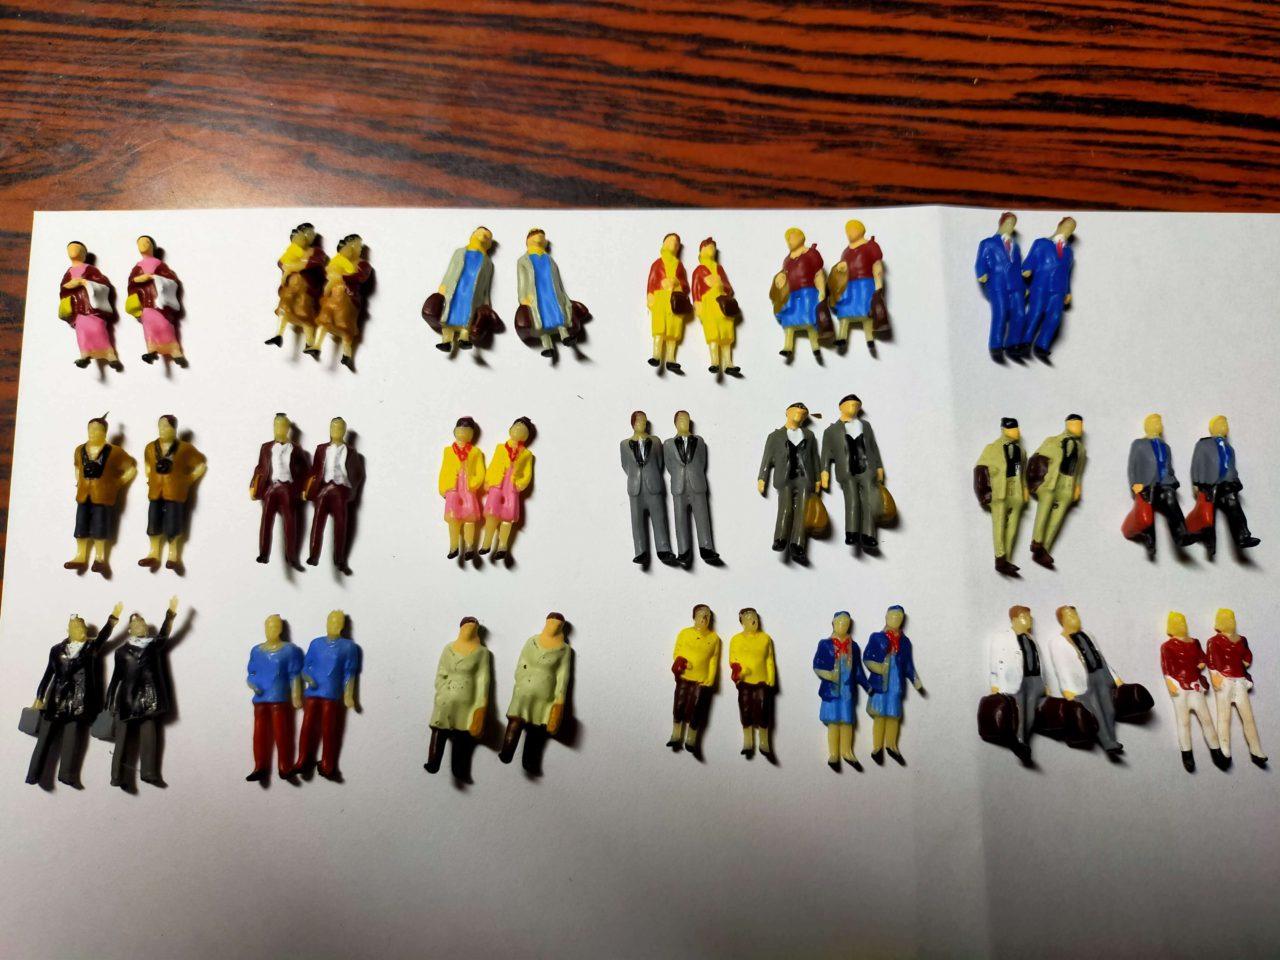 情景コレクション 人間 人形 人物 人間フィギュア塗装人 1:87 40本入り